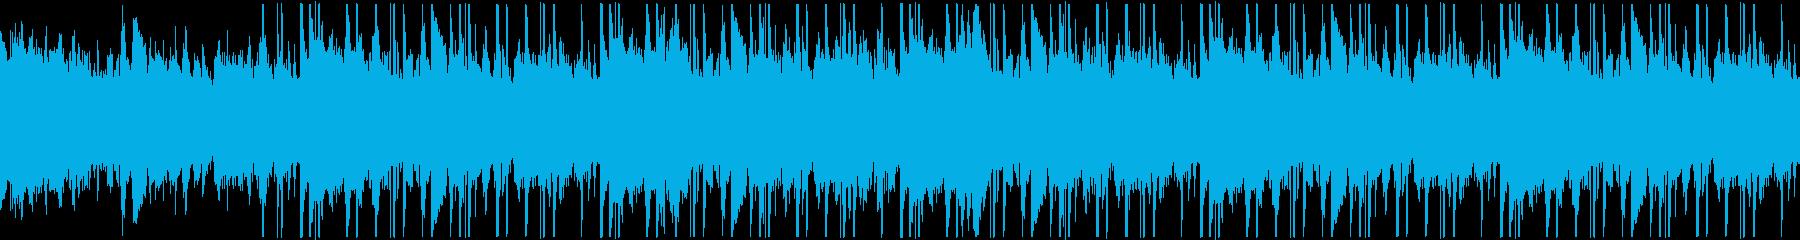 【ループ】アンビエント ヒップホップの再生済みの波形